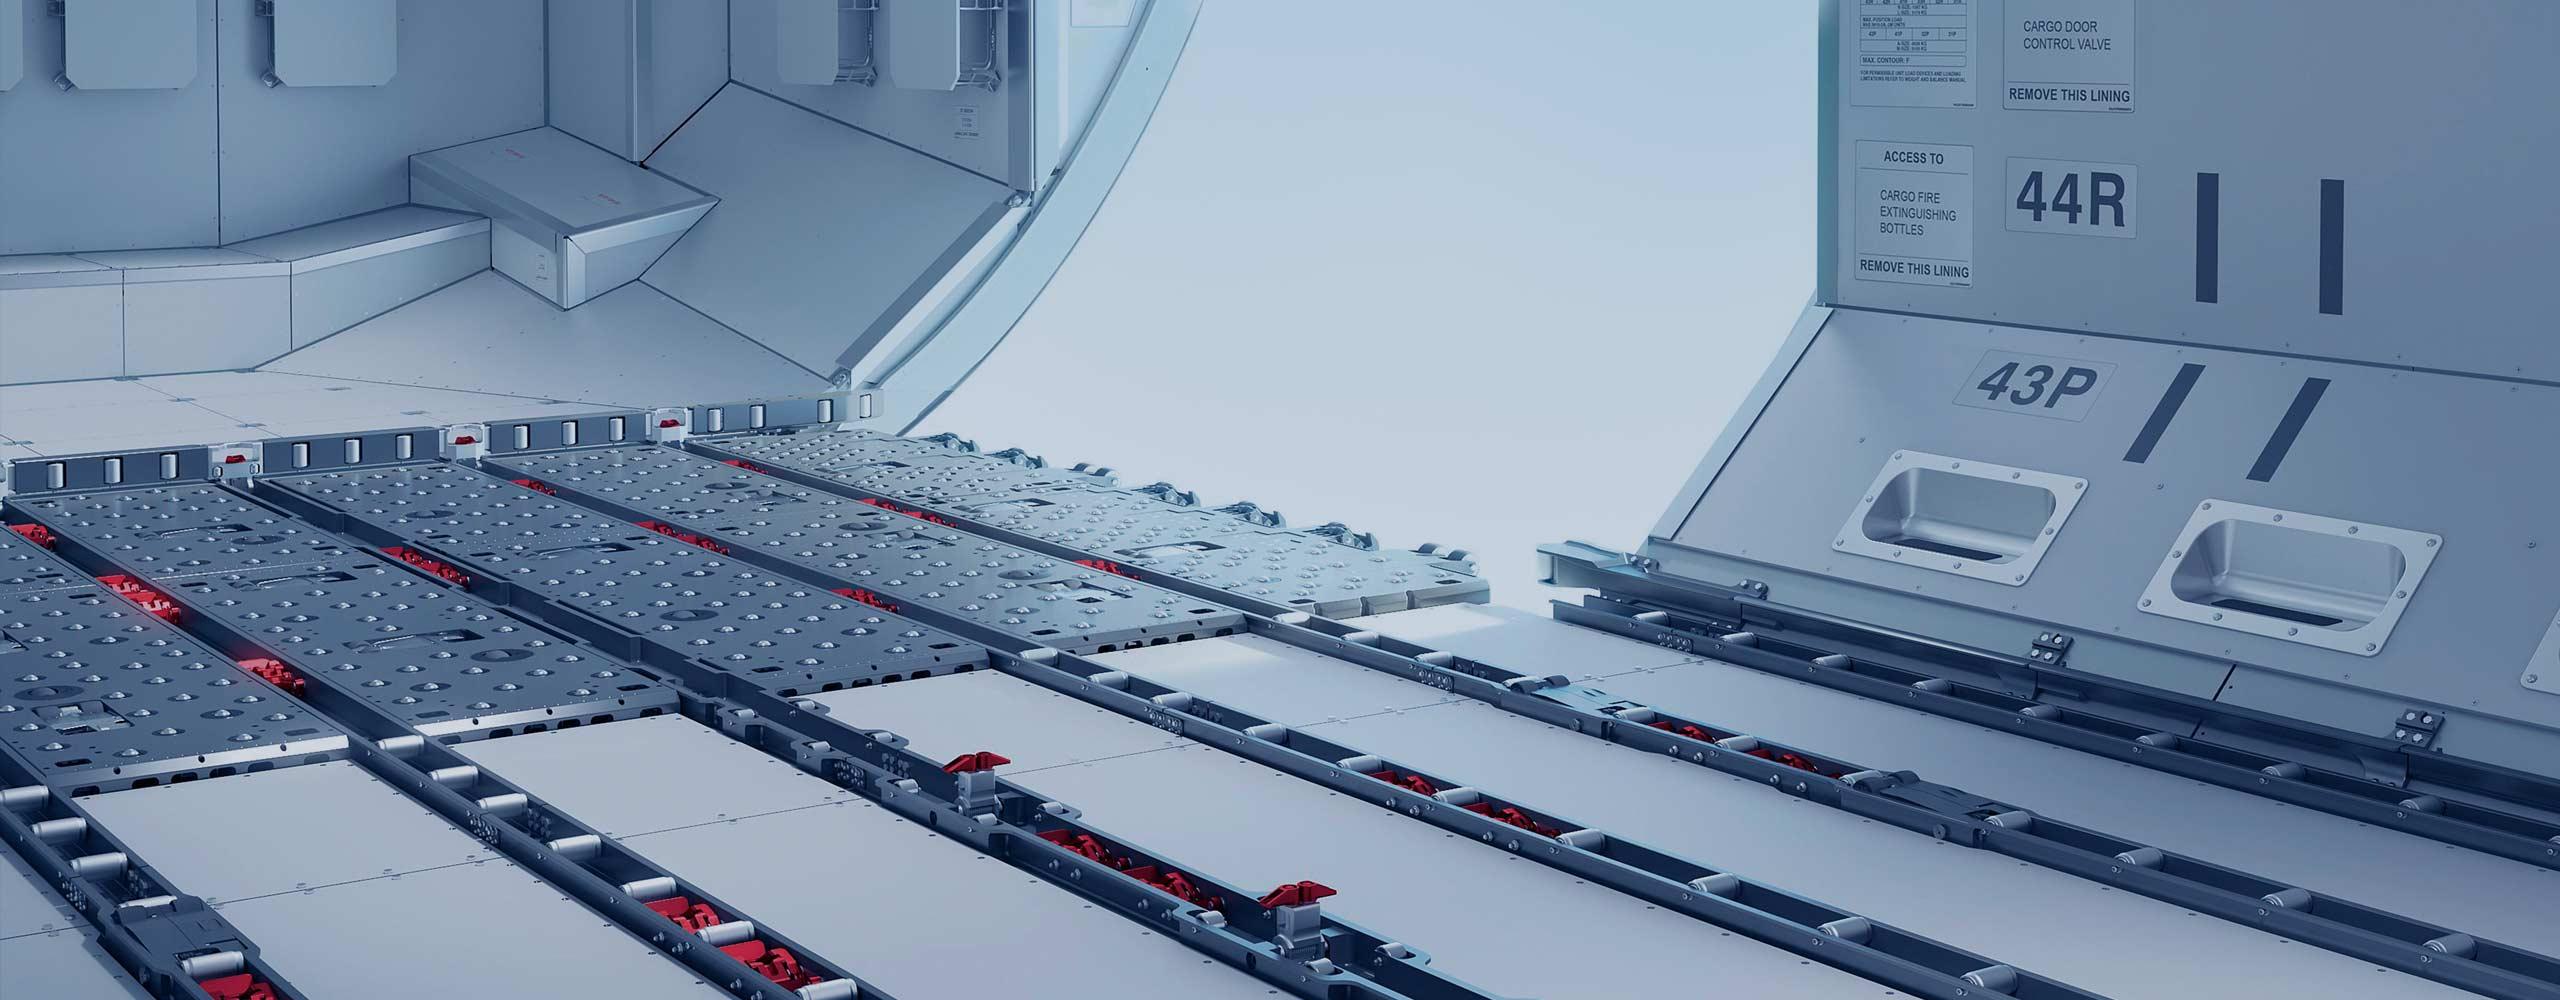 Cargo Compartment | TELAIR